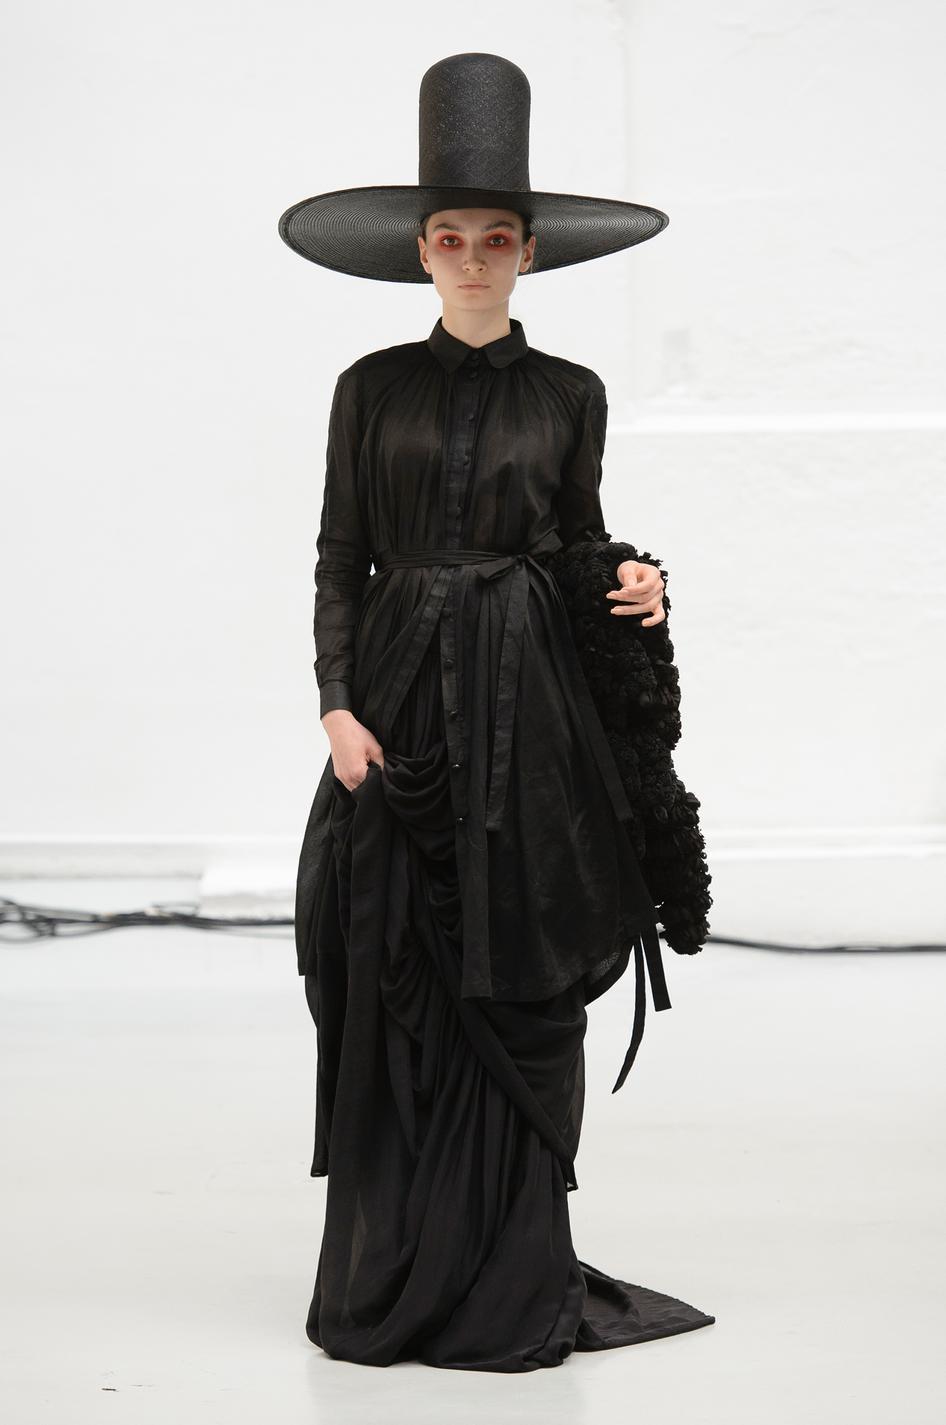 Chiếc mũ tombstone rộng vành của Xuan gây chú ý tại Paris Haute Couture